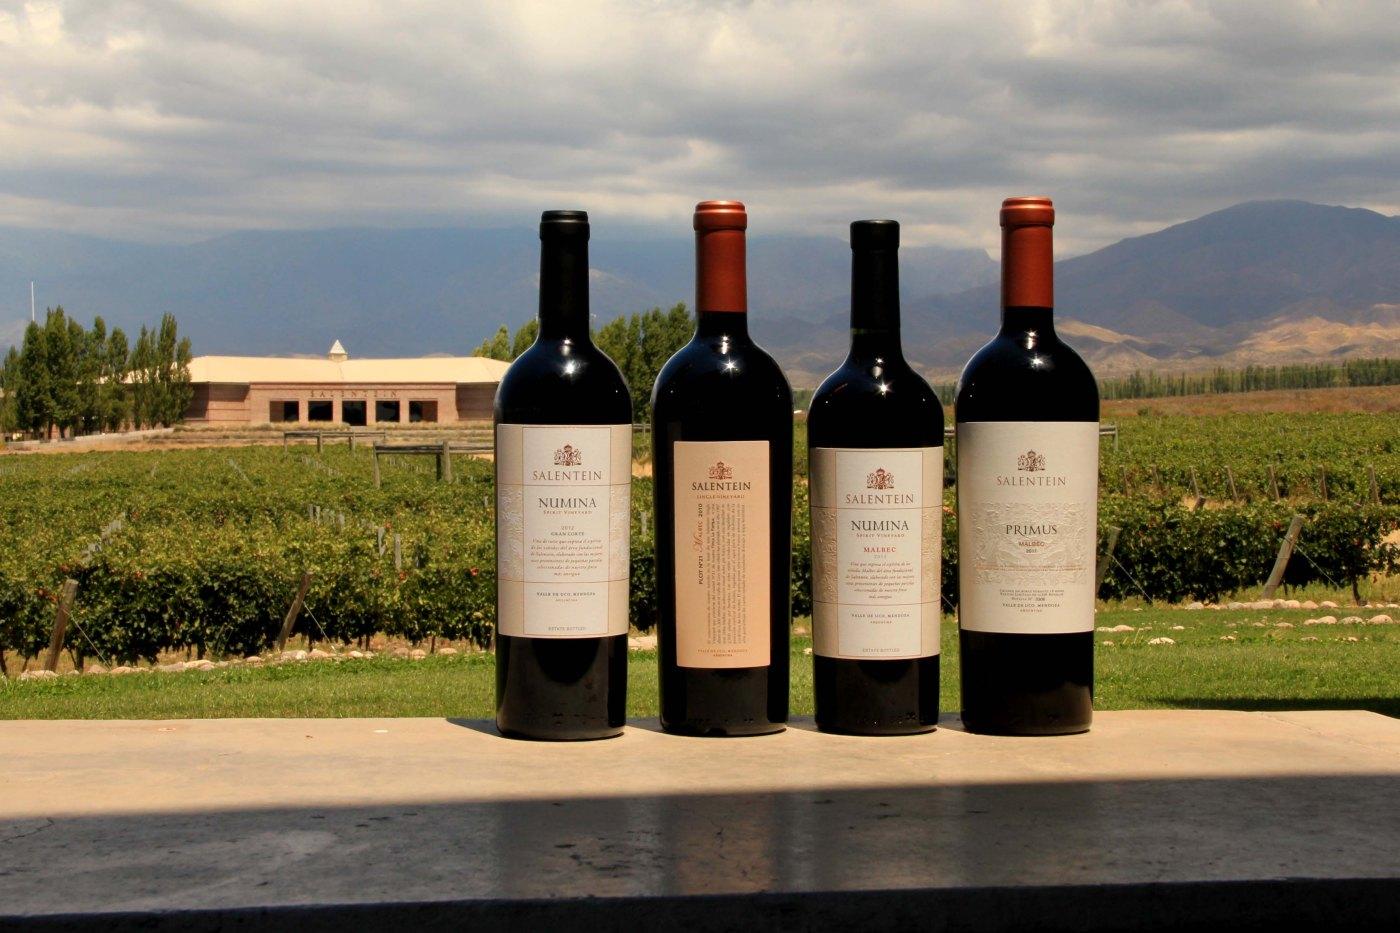 Um passeio por Mendoza – SELO 7 SOMMELIERS – Guia de Vinhos